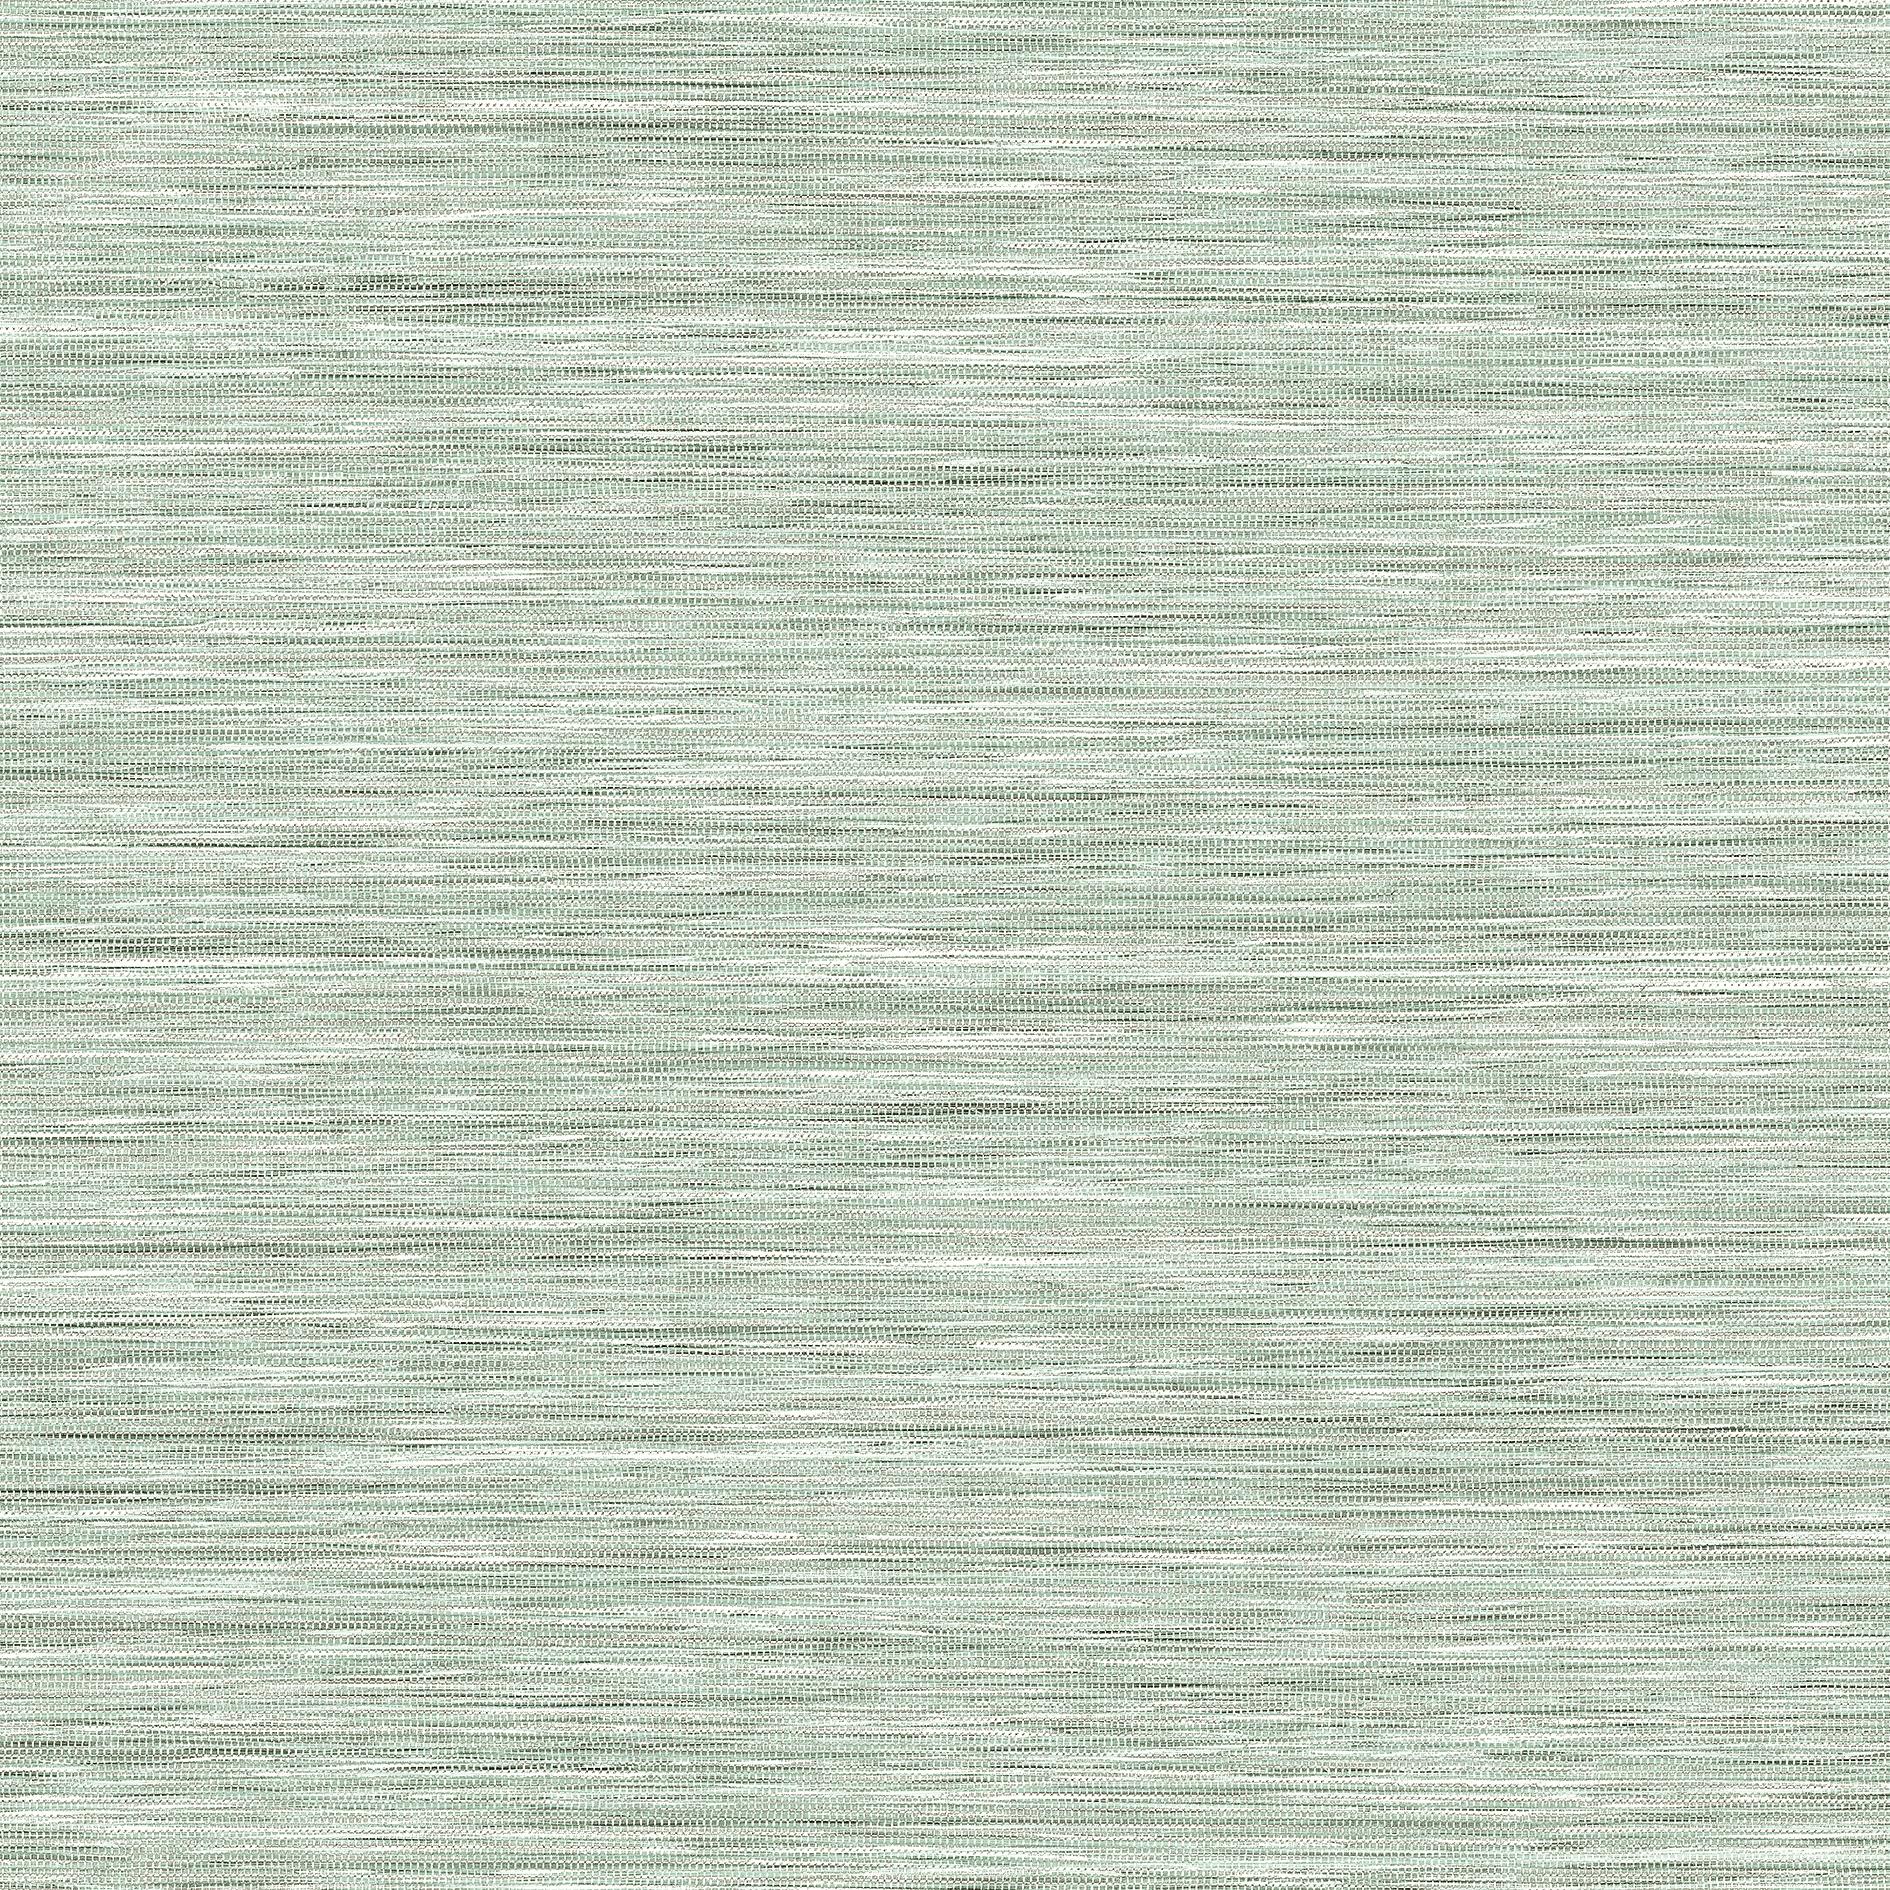 natural fiber grasscloth inspired